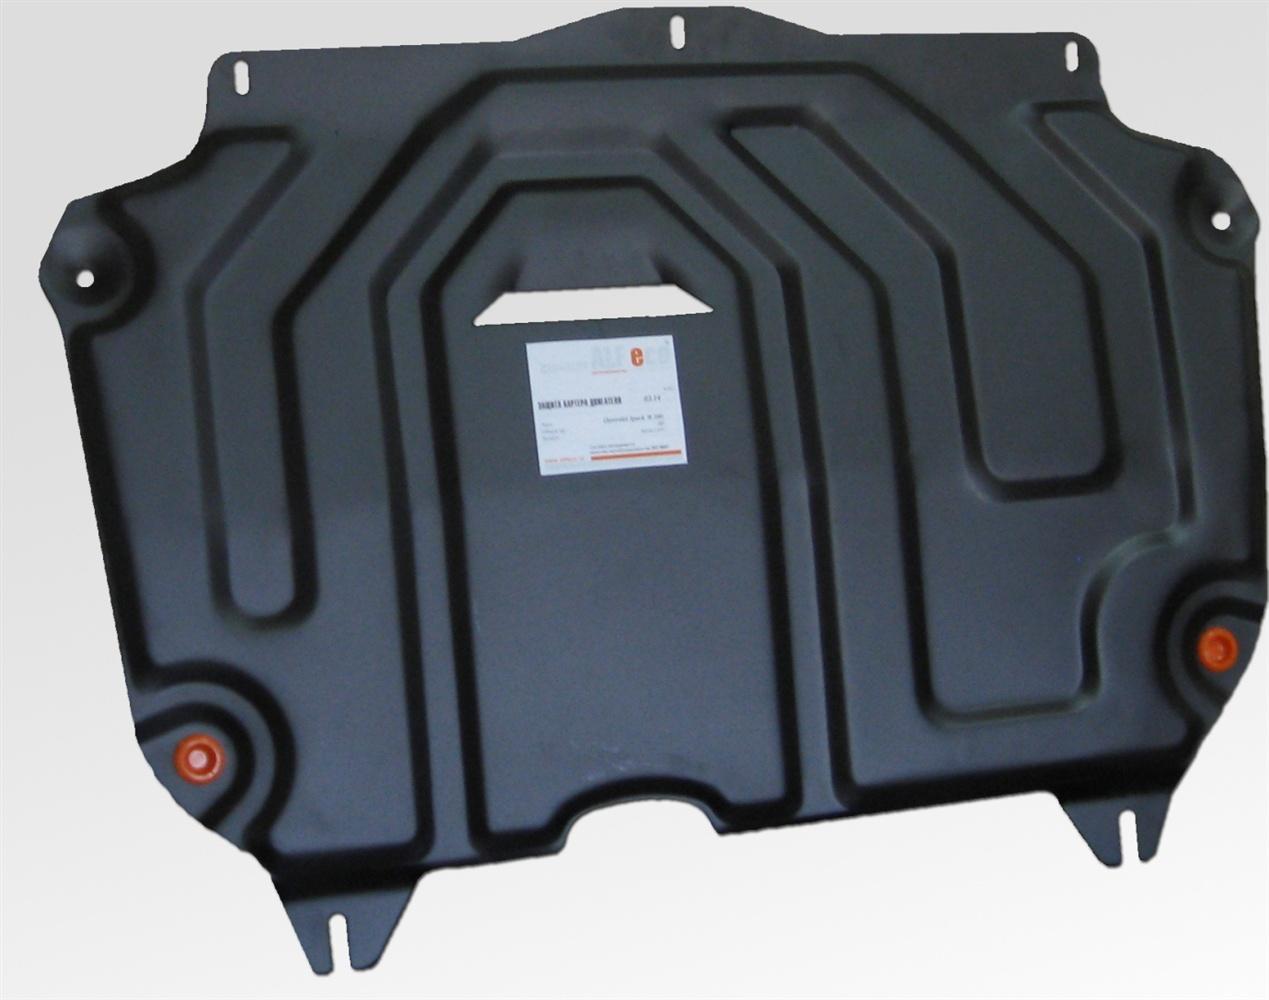 Защита двигателей резиновая спарк выгодно защита объектива combo наложенным платежом